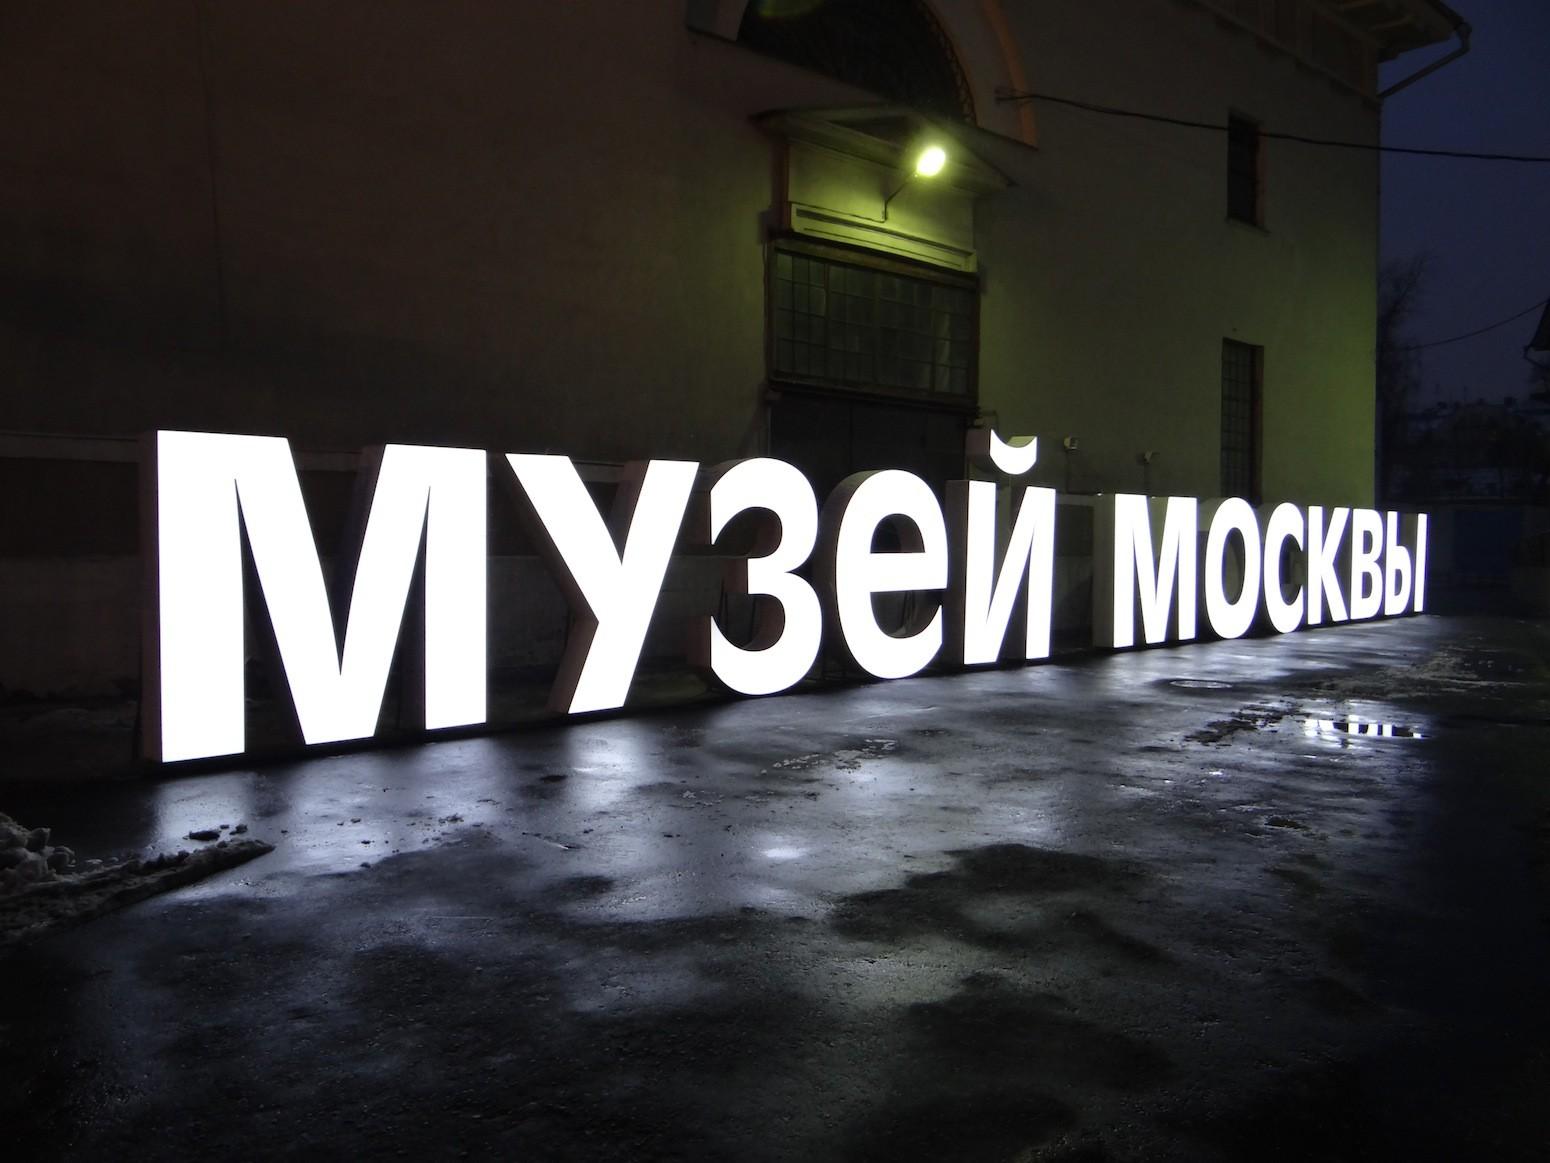 ВМузее столицы запускают «90 минутный» формат экскурсий